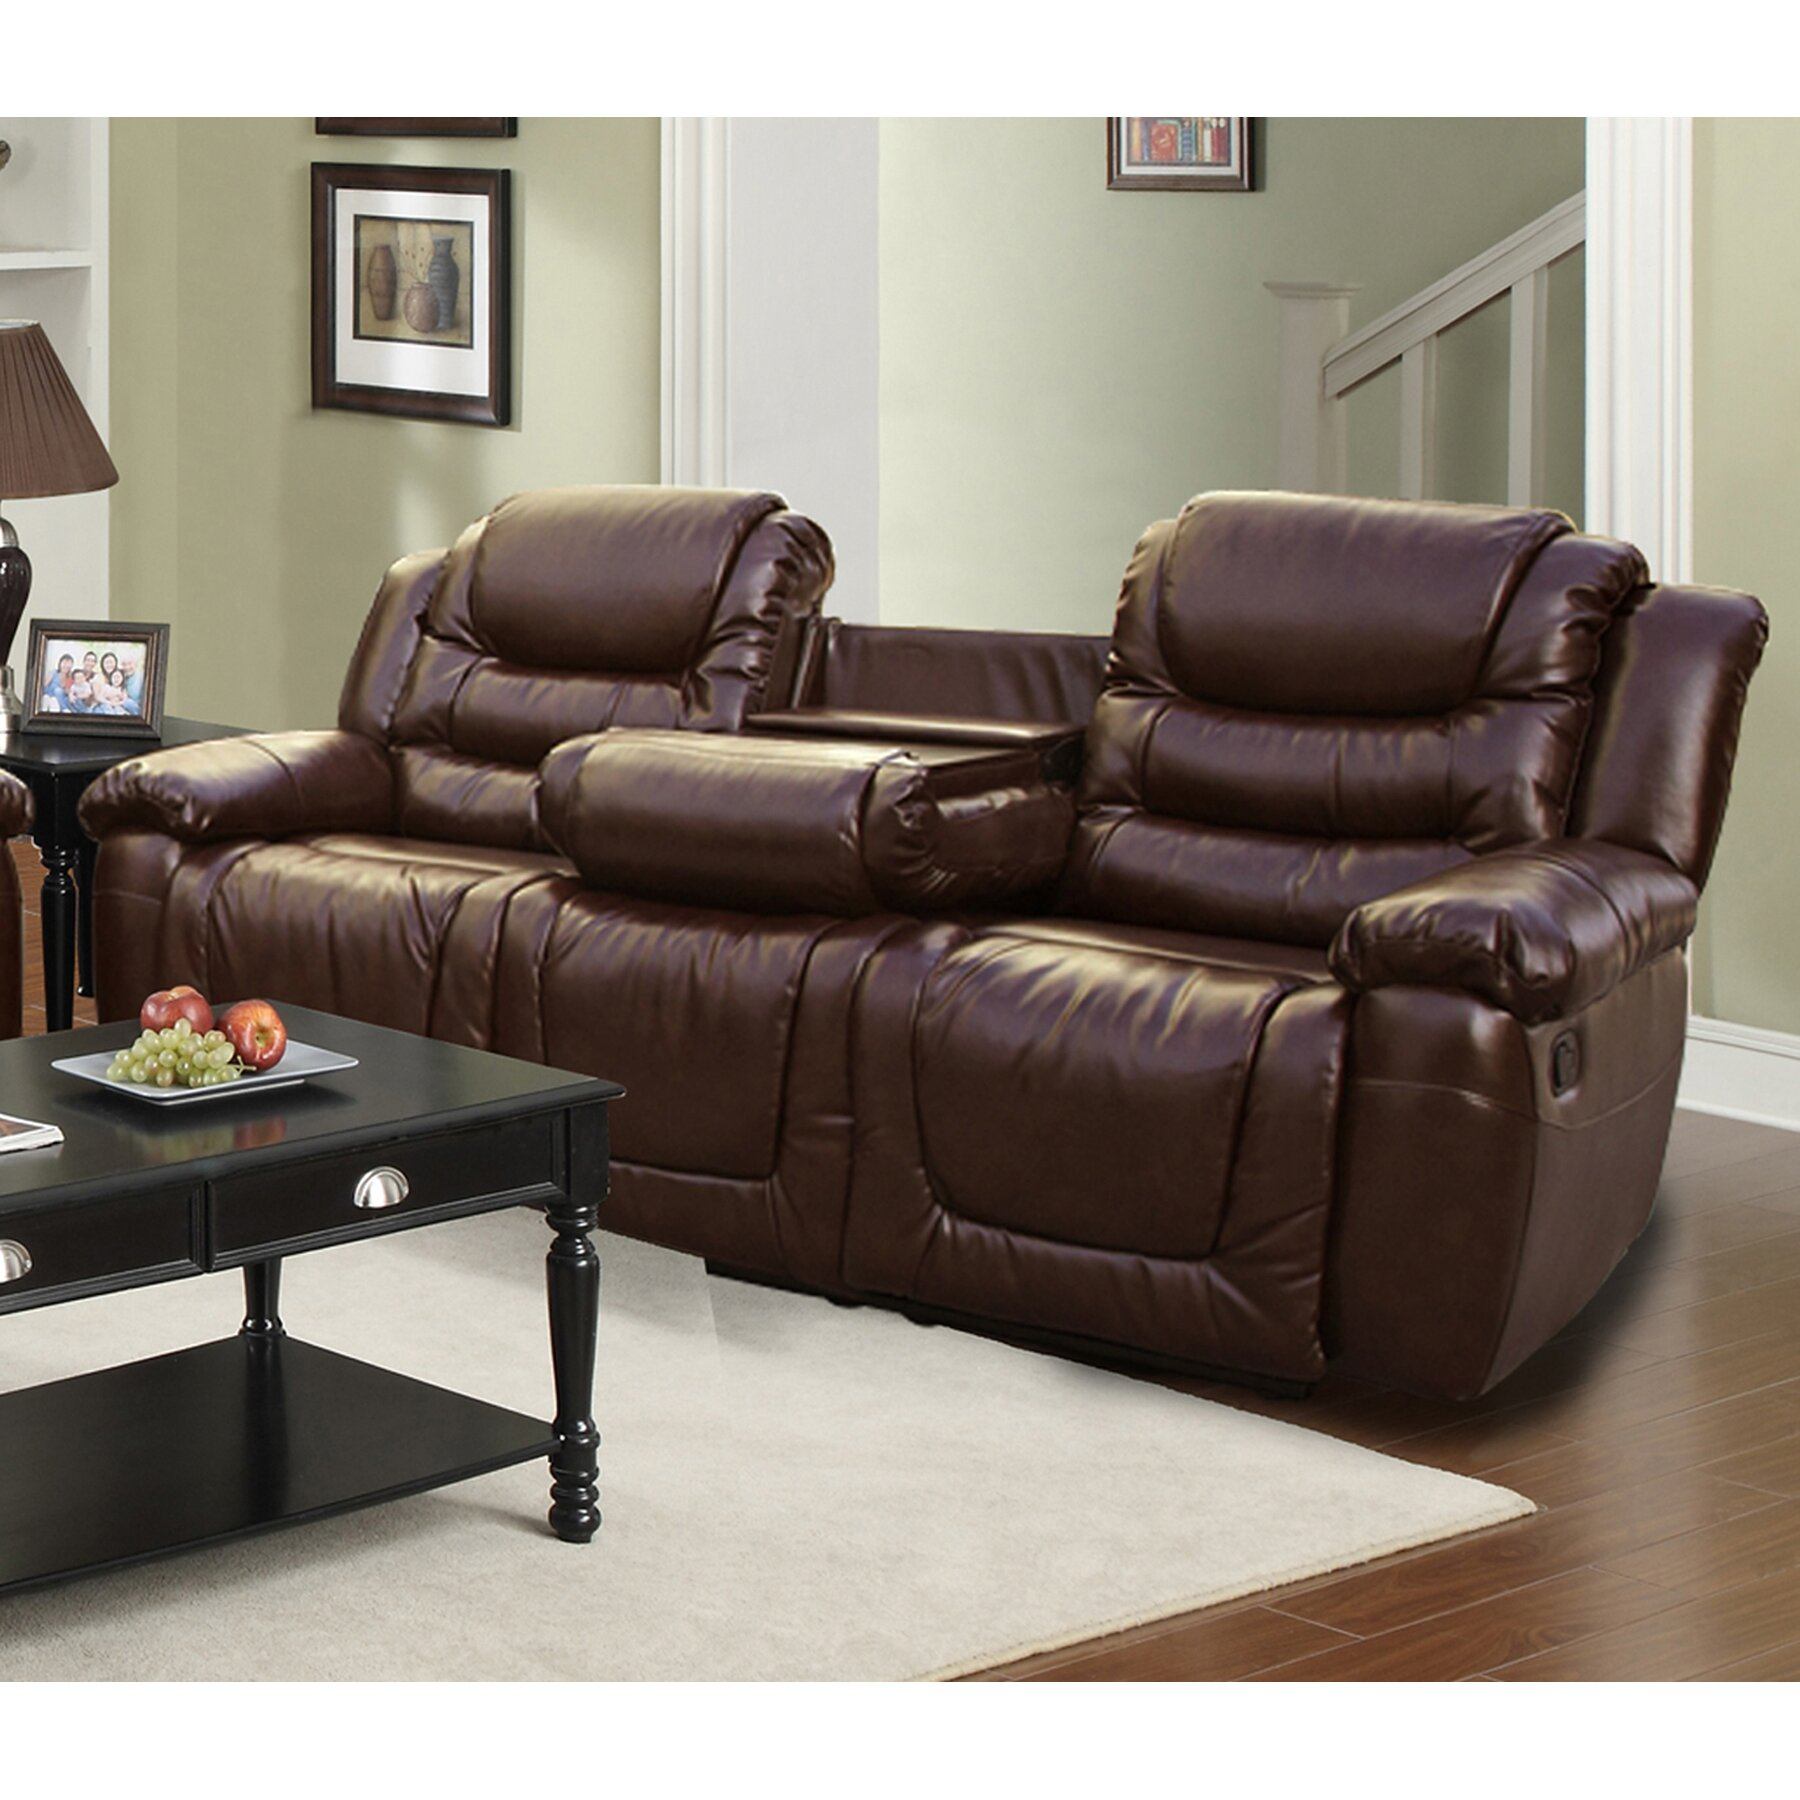 Sofa Set Kijiji Ottawa